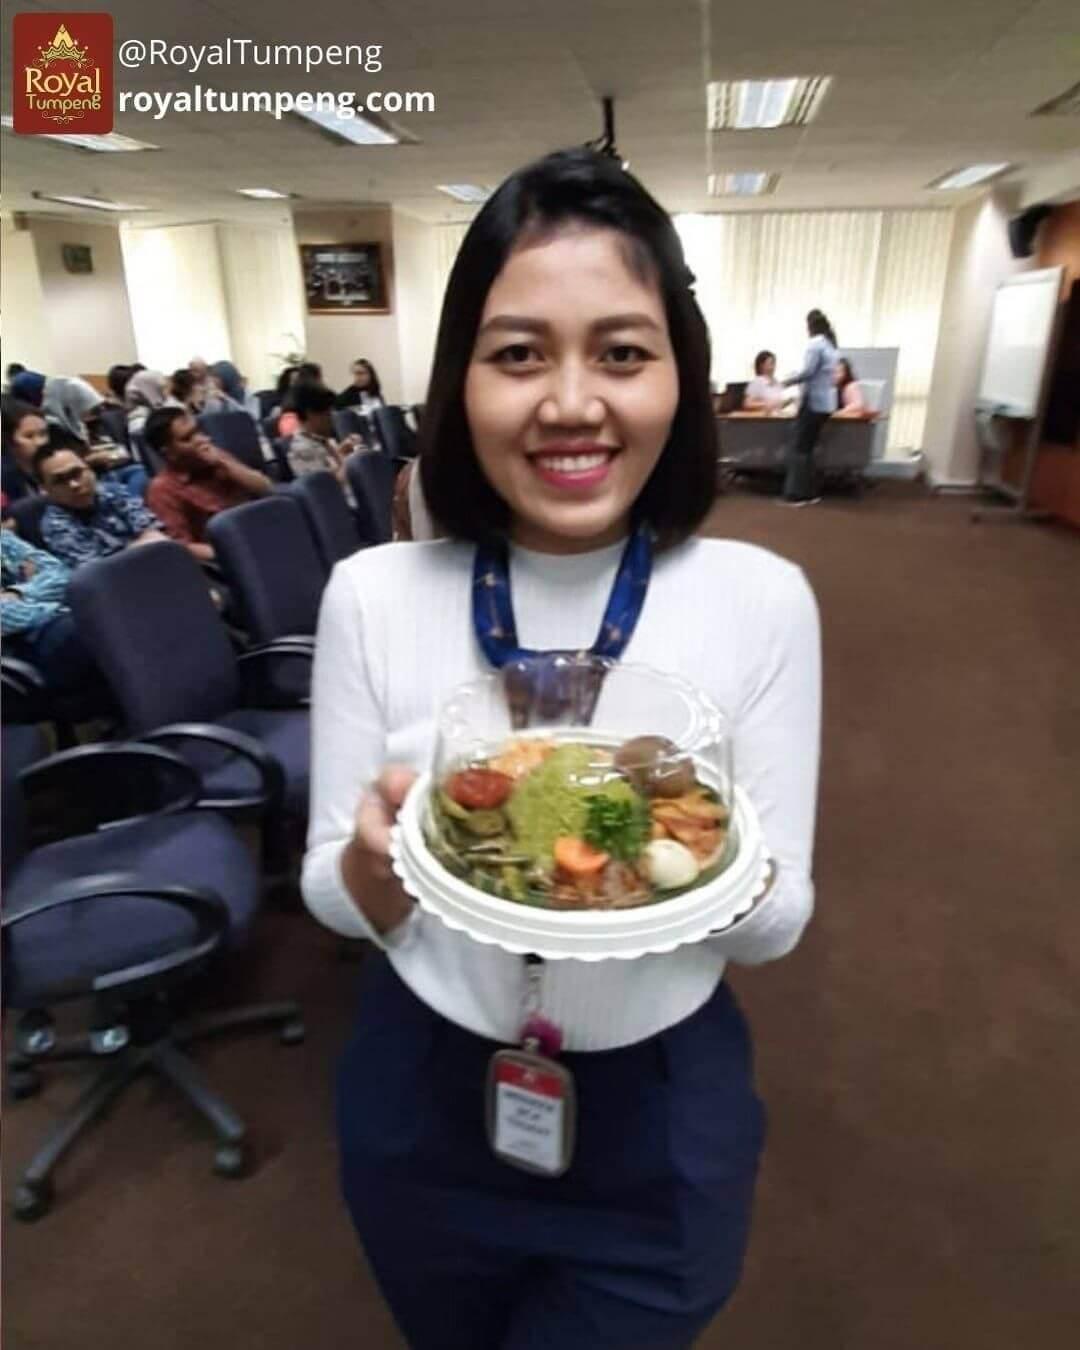 Tumpeng Mini Enak di Jakarta